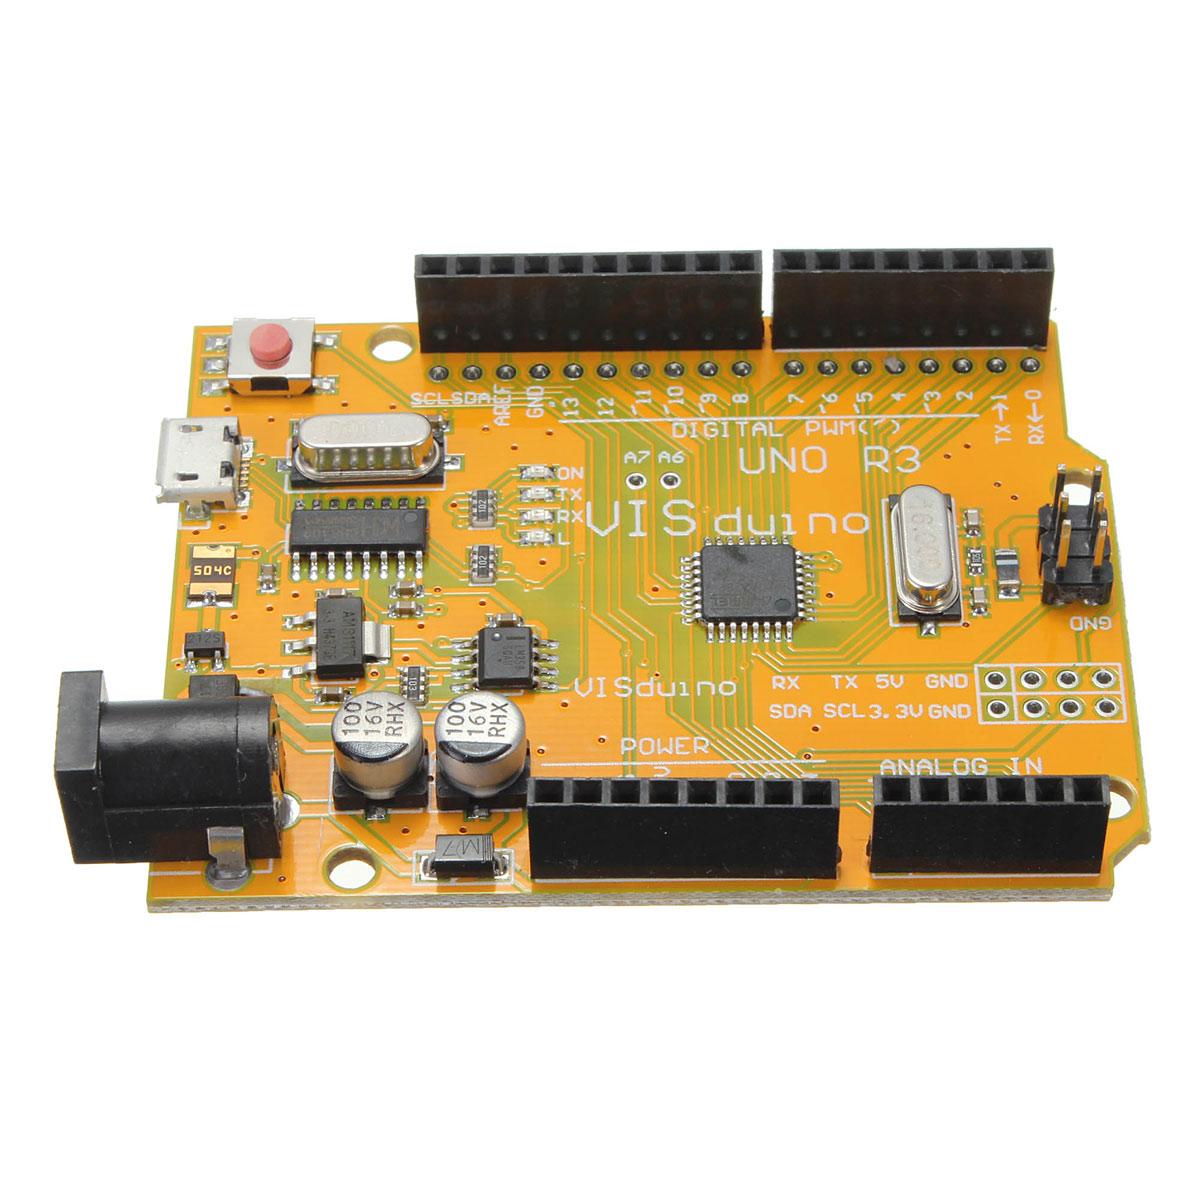 Uno r atmega p ch micro mini usb board compatible